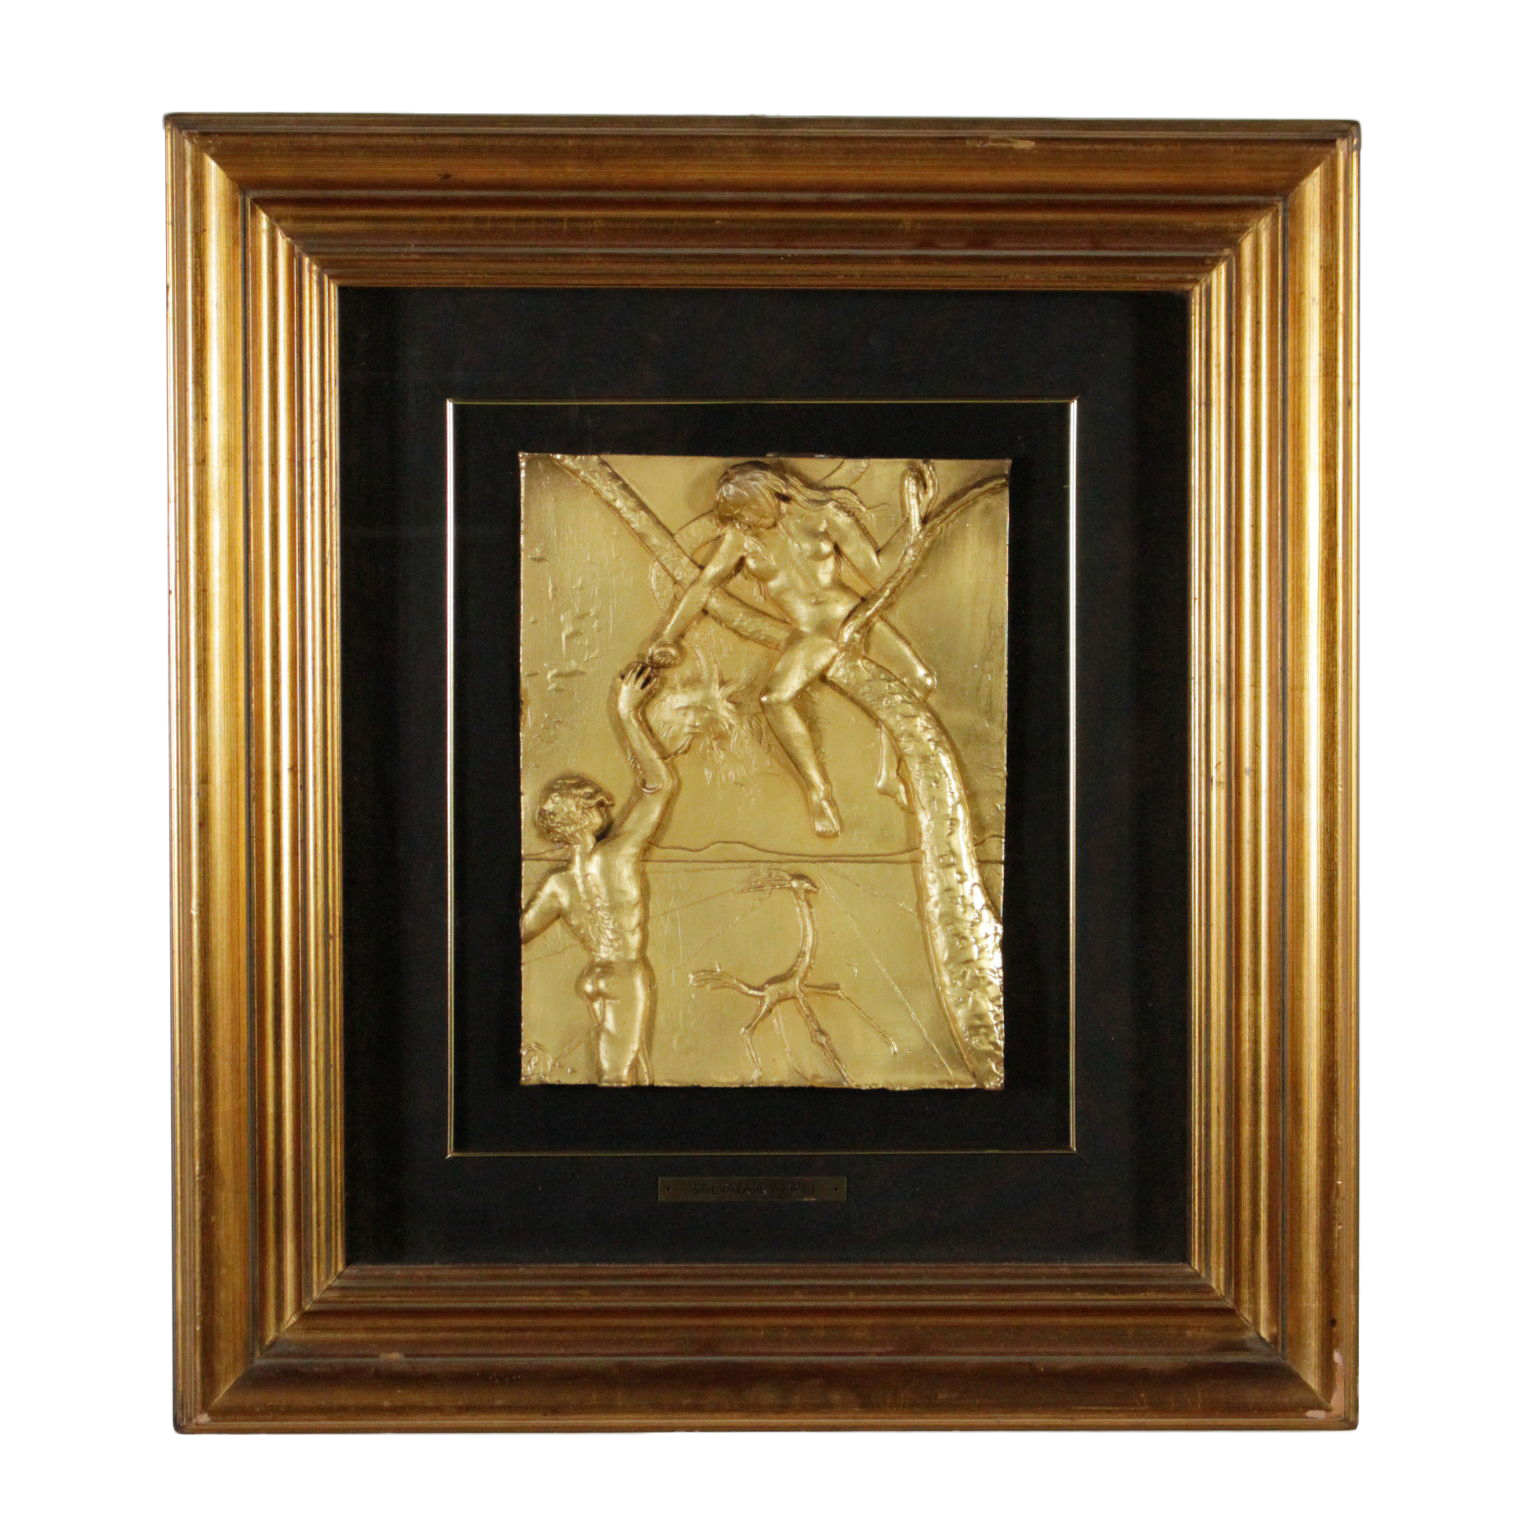 Bas-Relief by Salvador Dalì - Contemporary - Art - dimanoinmano.it